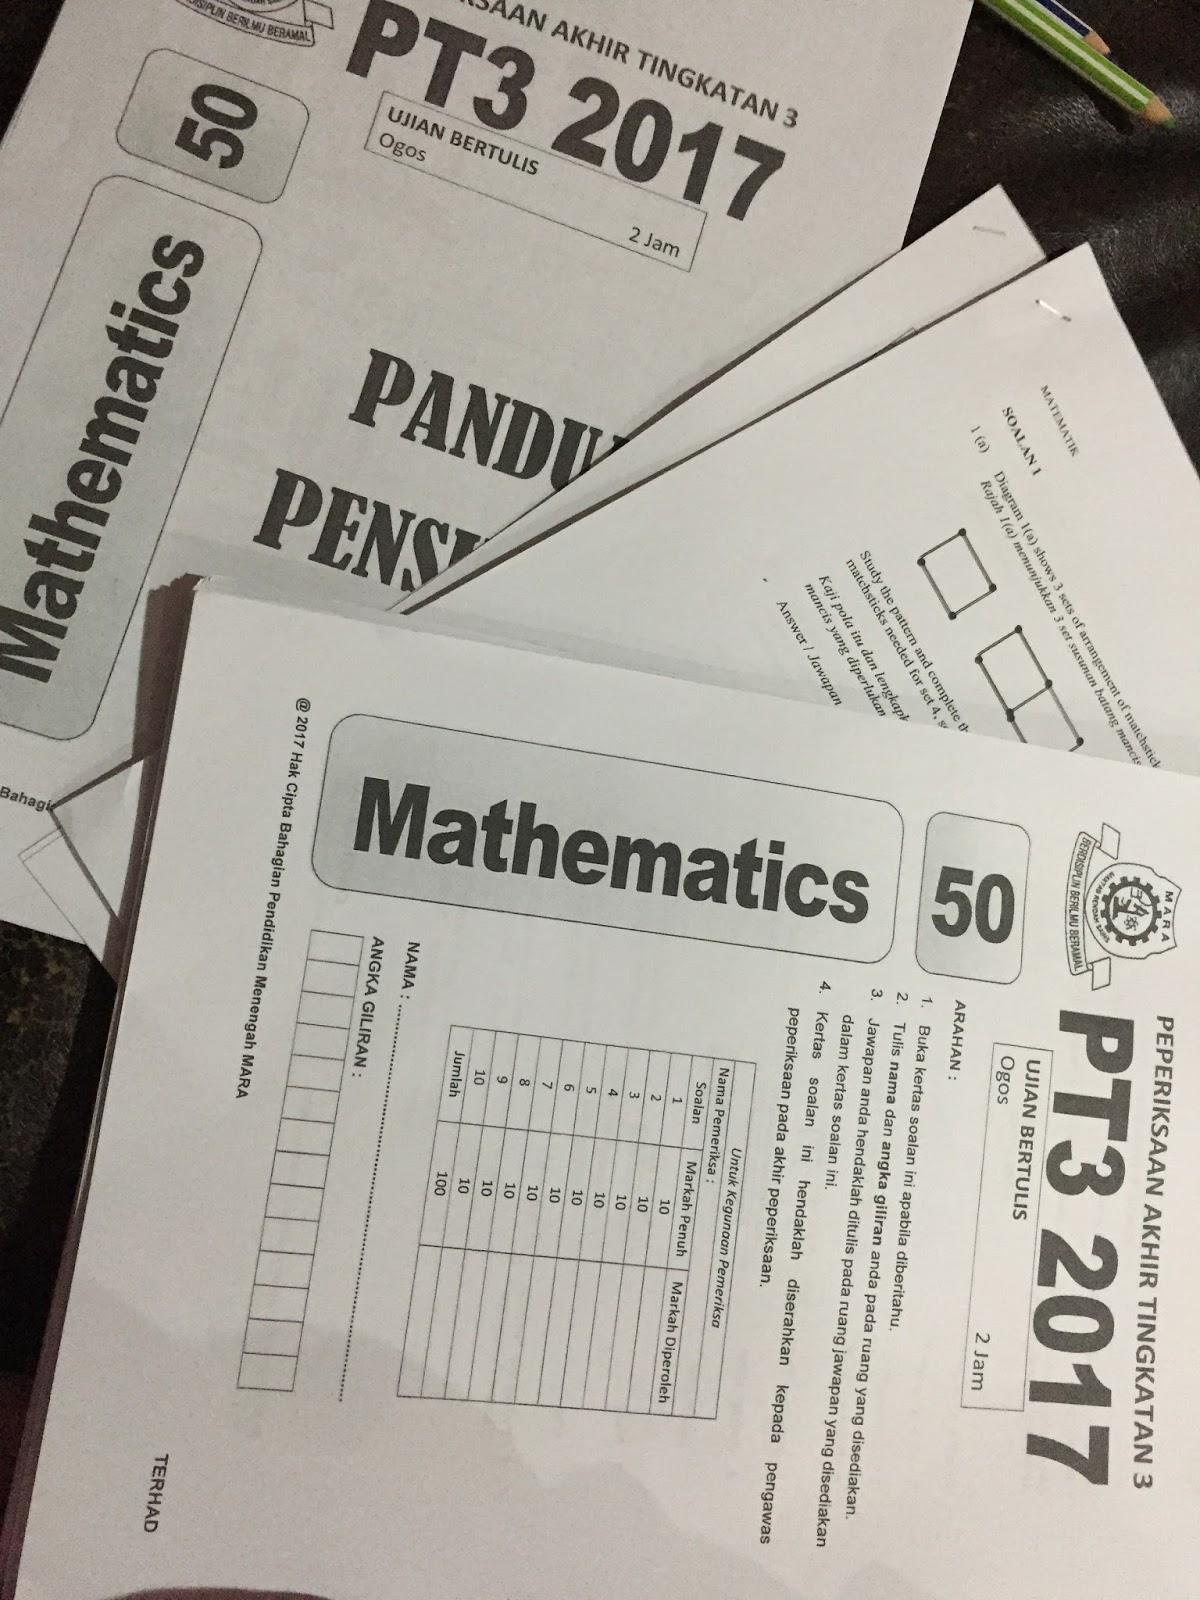 Pecutan Akhir Sebelum Exam - Contoh Soalan Percubaan PT3